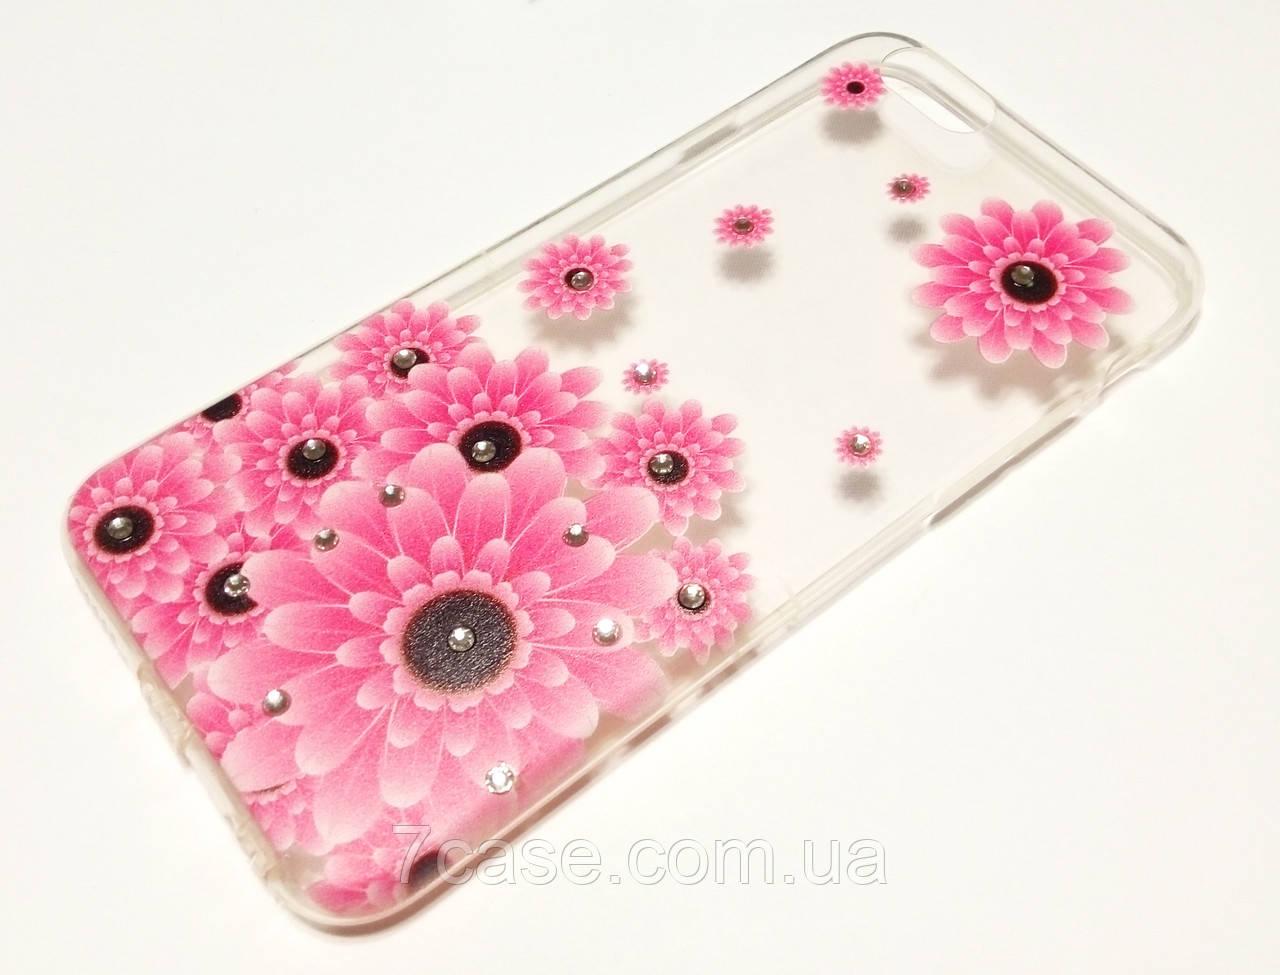 Чохол для iPhone 6 / 6s прозорий силіконовий з малюнком рожеві квіти і стразами